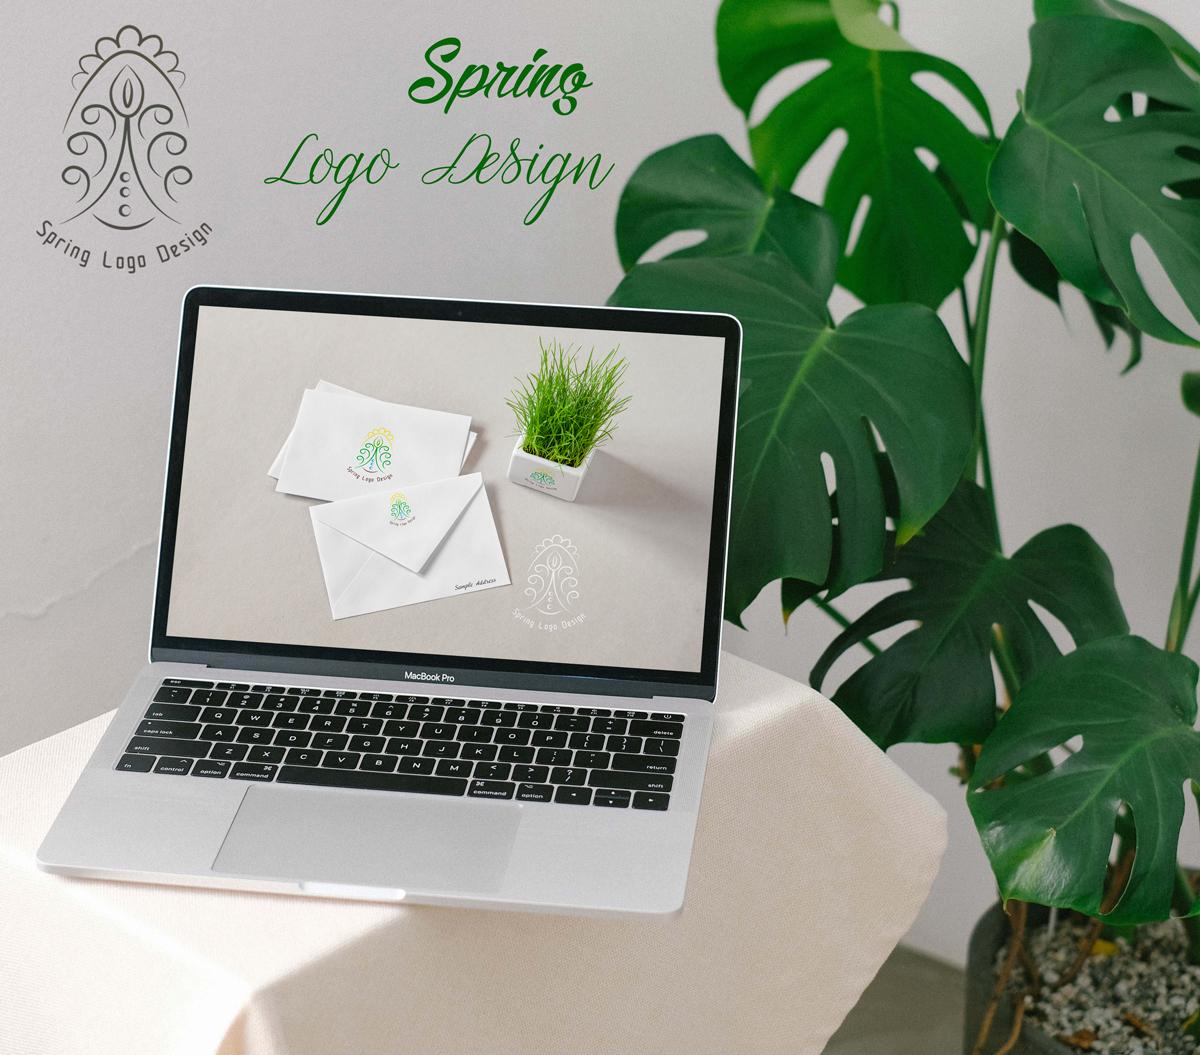 spring-logo-design-mock-up